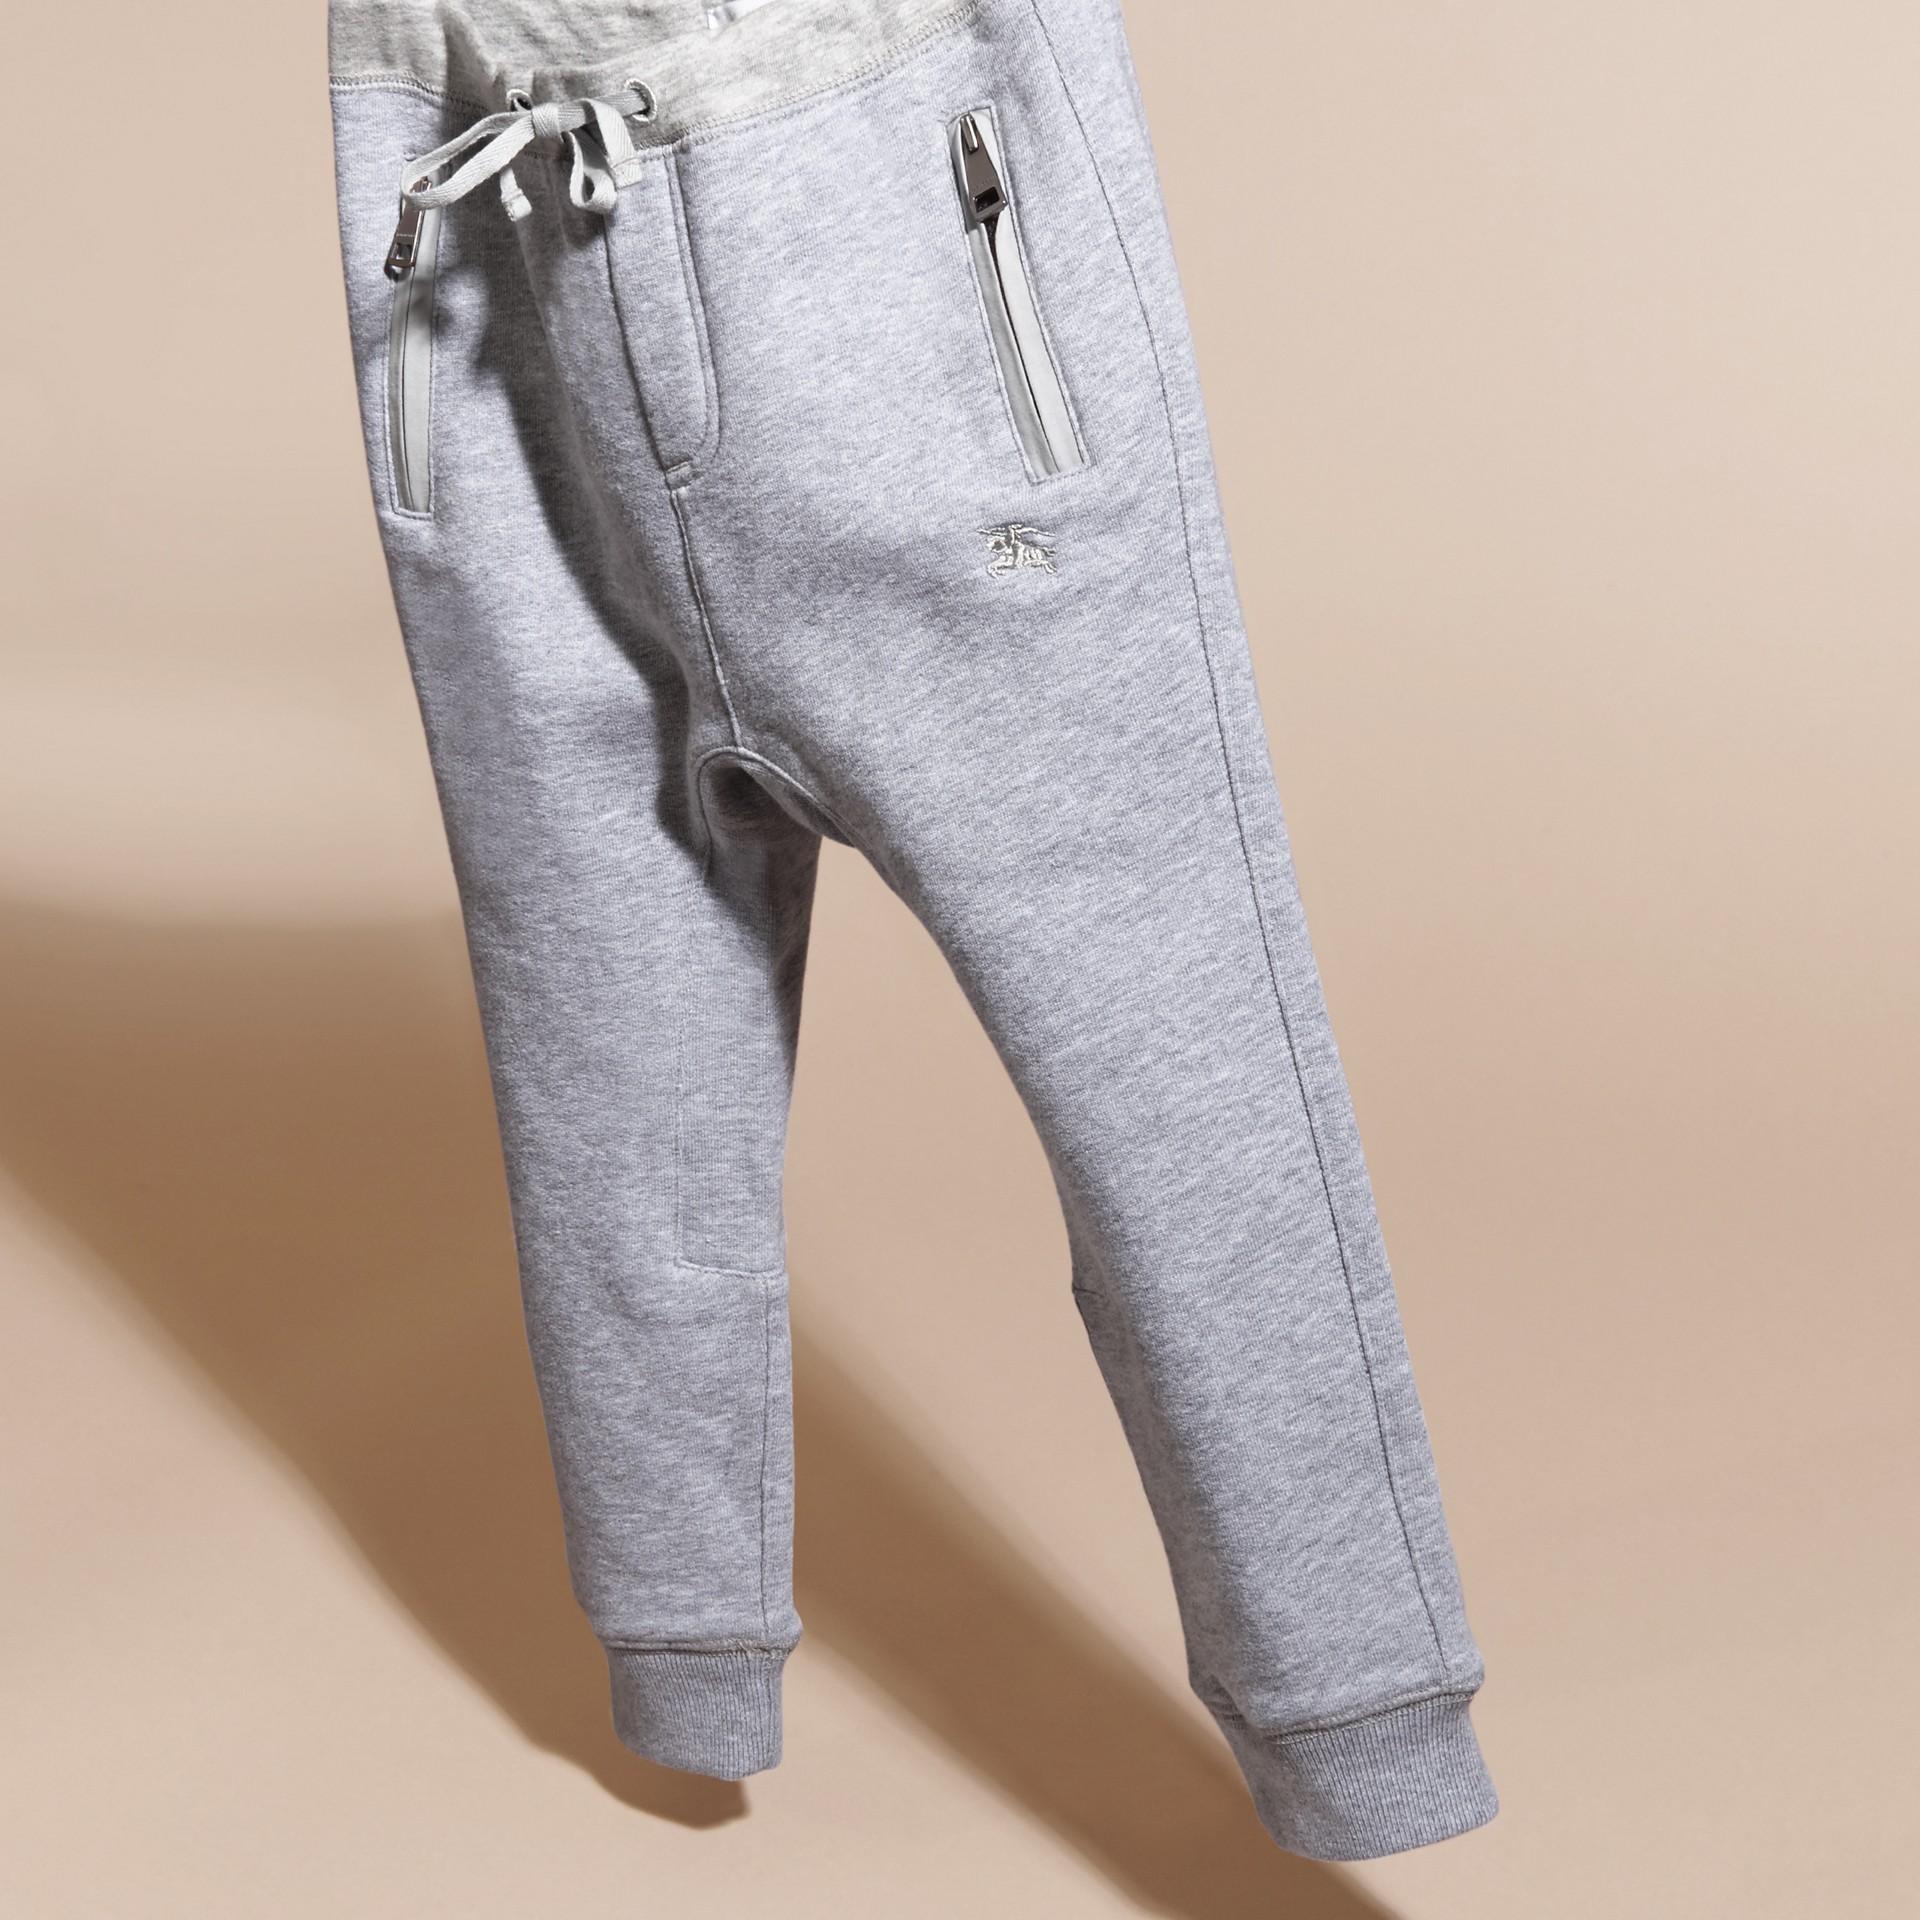 Grigio medio mélange Pantaloni tuta in cotone Grigio Medio Mélange - immagine della galleria 3